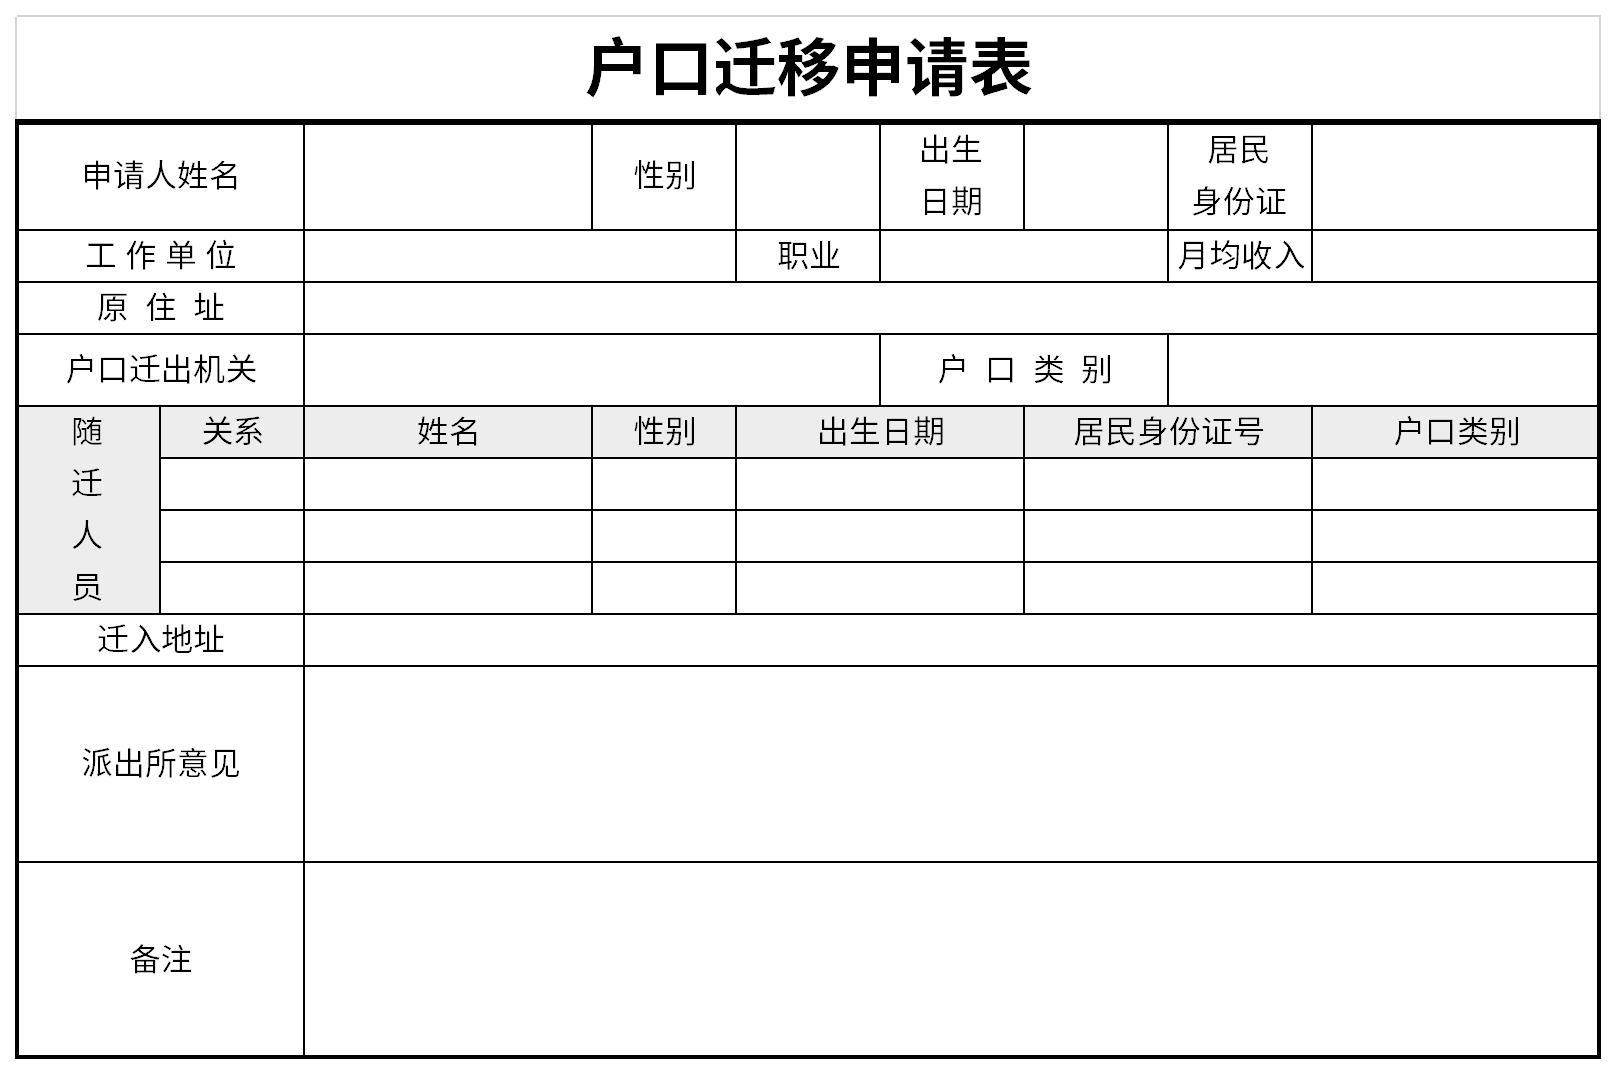 户口迁移申请表截图